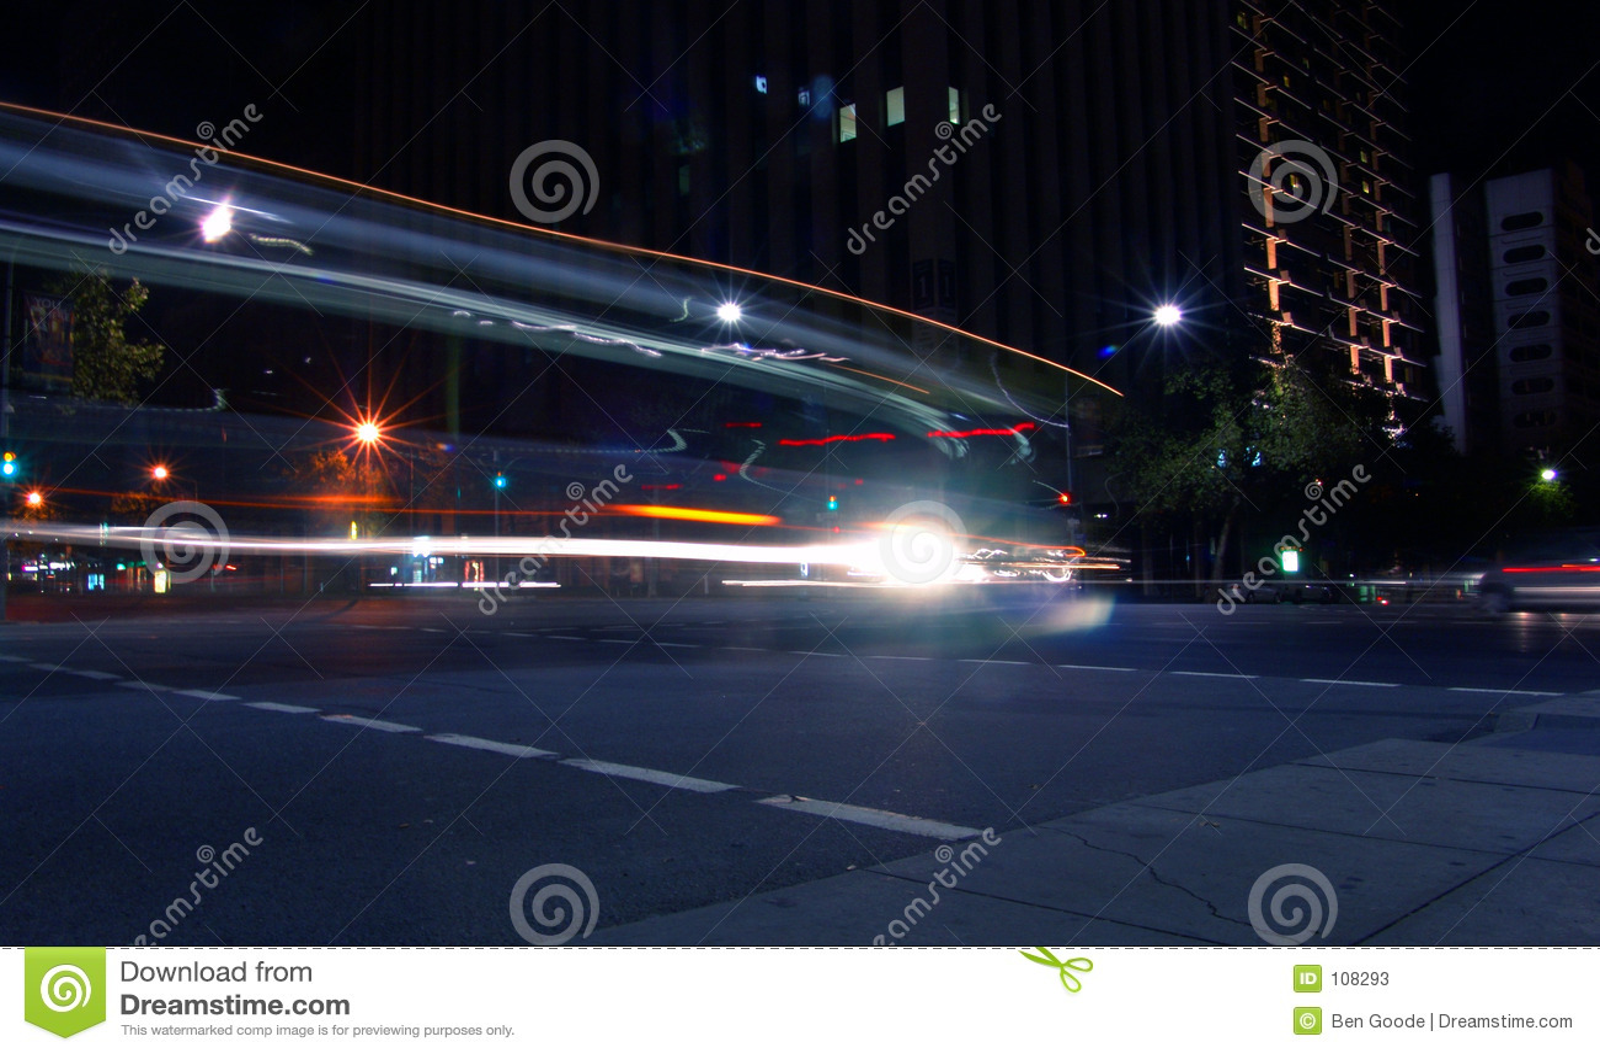 Bus Turning